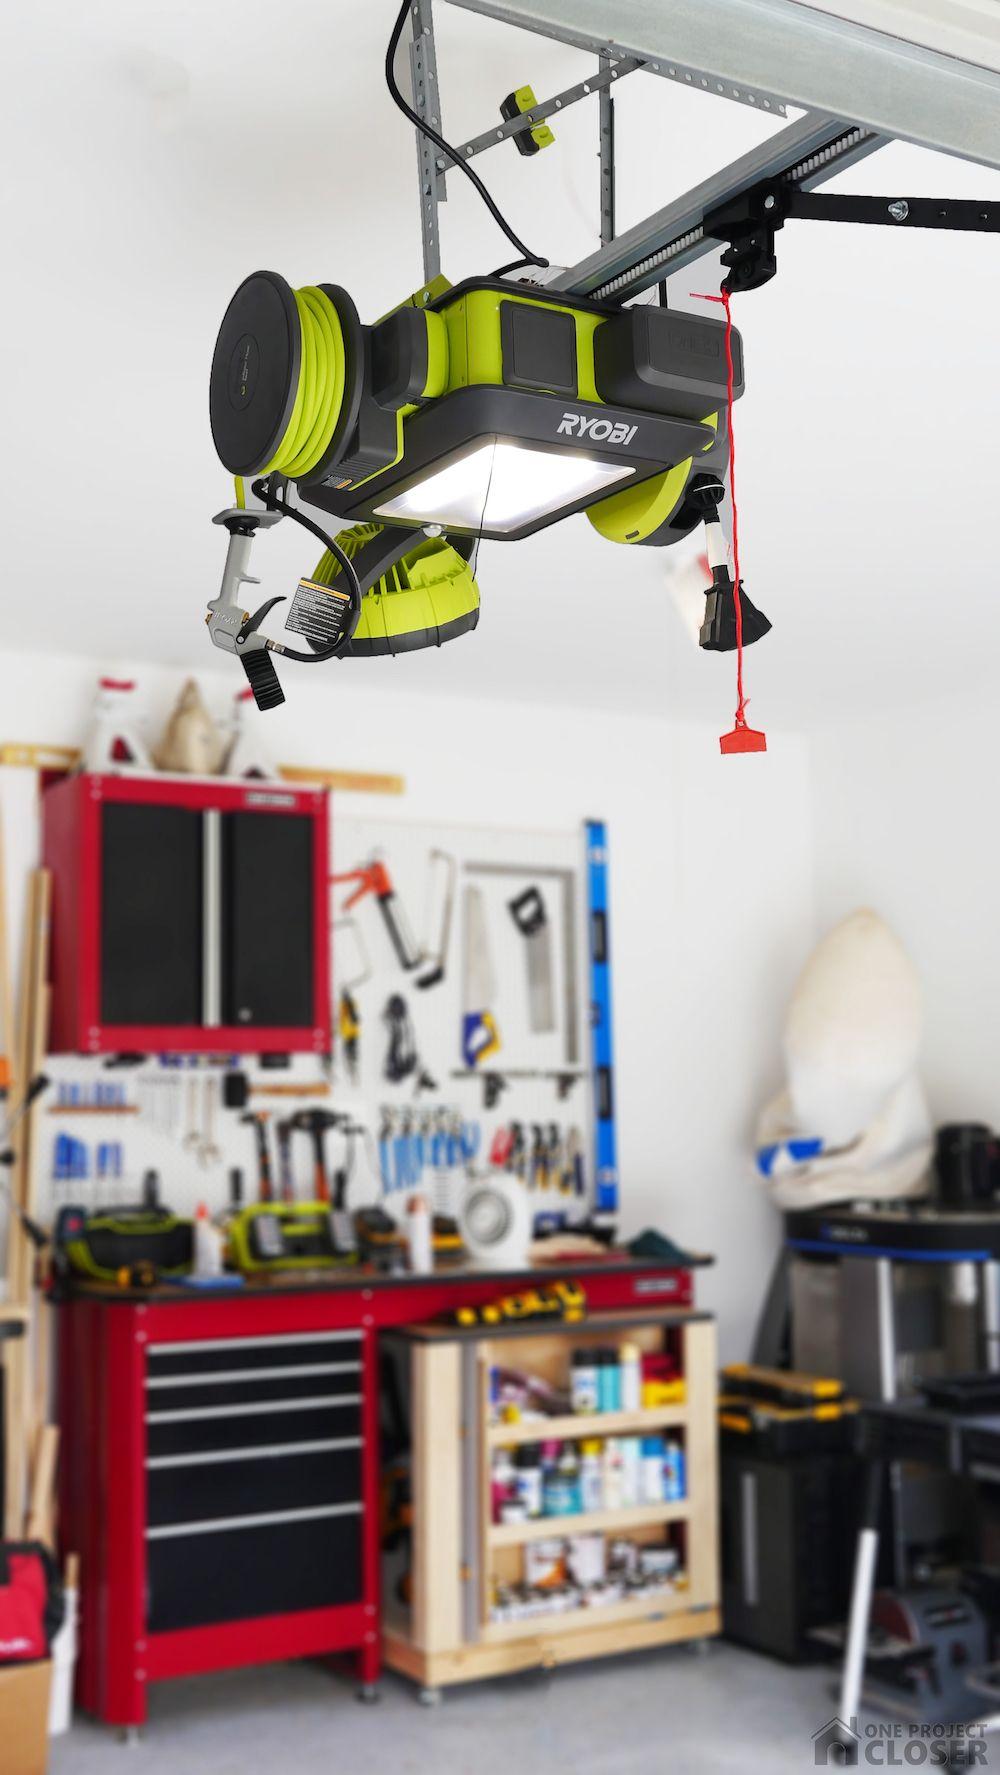 Ryobi Garage Door Opener Review Garage Door Opener Garage Door Opener Remote Garage Organization